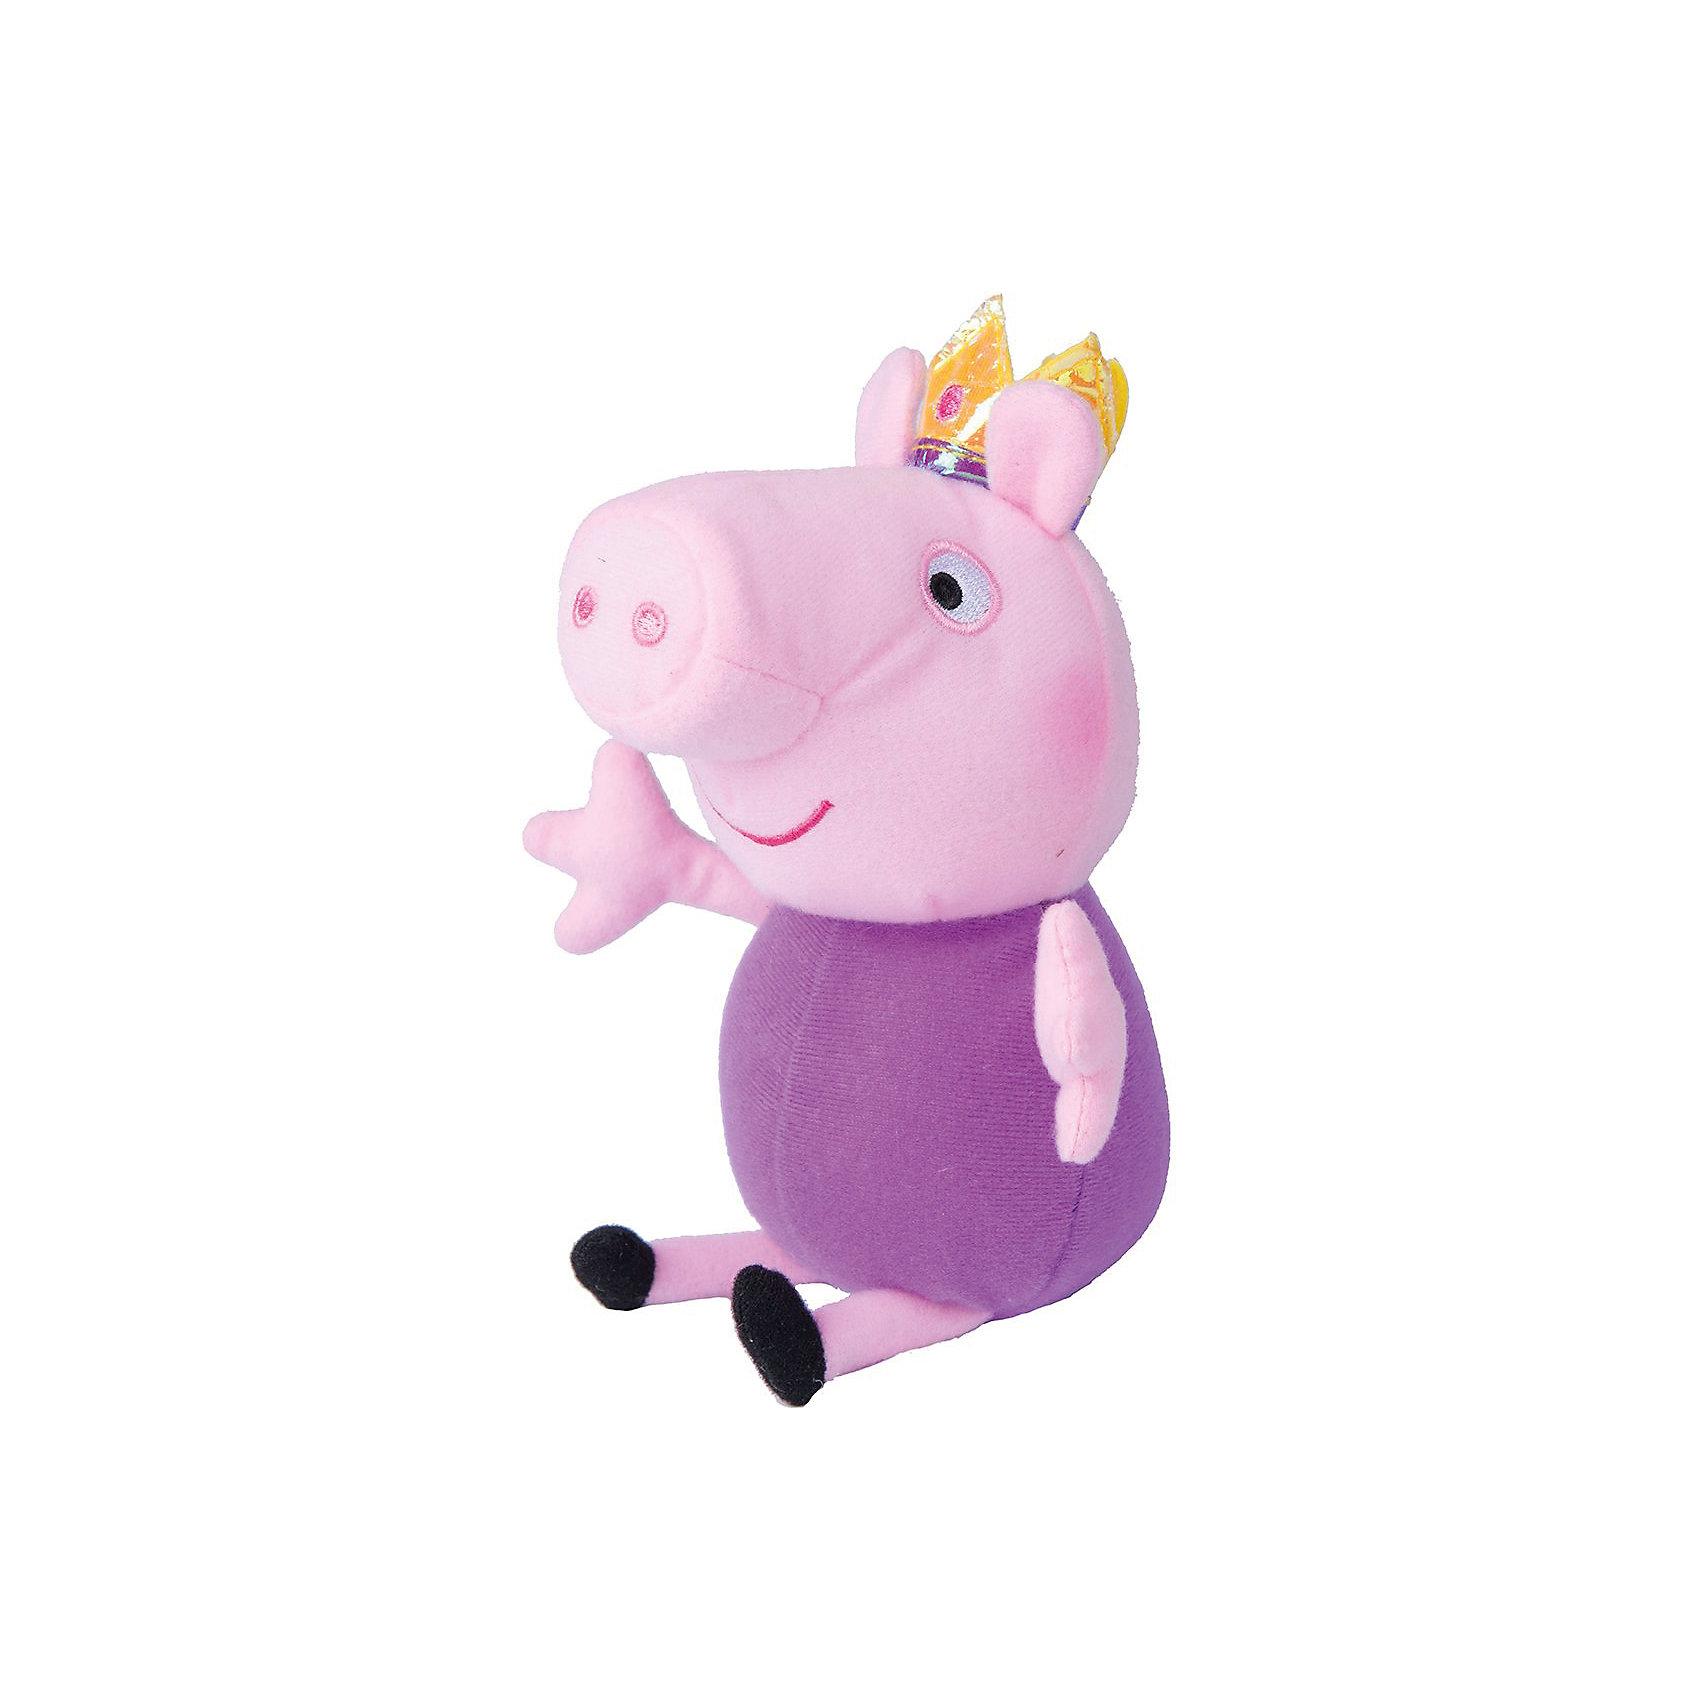 Мягкая игрушка Джордж принц, 20 см, Peppa PigЛюбимые герои<br>Мягкая игрушка Джордж принц 20 см, Peppa Pig (Свинка Пеппа). <br><br>Характеристика:<br><br>• Материал: пластик, текстиль, плюш.   <br>• Размер игрушки: 20 см.<br>• Игрушка мягкая, очень приятная на ощупь. <br><br>Дети обожают мягкие игрушки! Игрушка в виде любимого героя мультсериала Peppa Pig, Джорджа, приведет в восторг любого ребенка. Малютка-Джордж сшит из мягкого приятного на ощупь плюща. С ним так весело играть днем и приятно засыпать вечером. <br>Собери всю коллекцию плюшевых игрушек Peppa Pig проигрывай сцены из любимых мультфильмов или придумывай свои забавные и интересные истории!  <br><br>Мягкую игрушку Джордж принц 20 см, Peppa Pig (Свинка Пеппа), можно купить в нашем интернет-магазине.<br><br>Ширина мм: 160<br>Глубина мм: 100<br>Высота мм: 75<br>Вес г: 50<br>Возраст от месяцев: 36<br>Возраст до месяцев: 2147483647<br>Пол: Унисекс<br>Возраст: Детский<br>SKU: 5211683